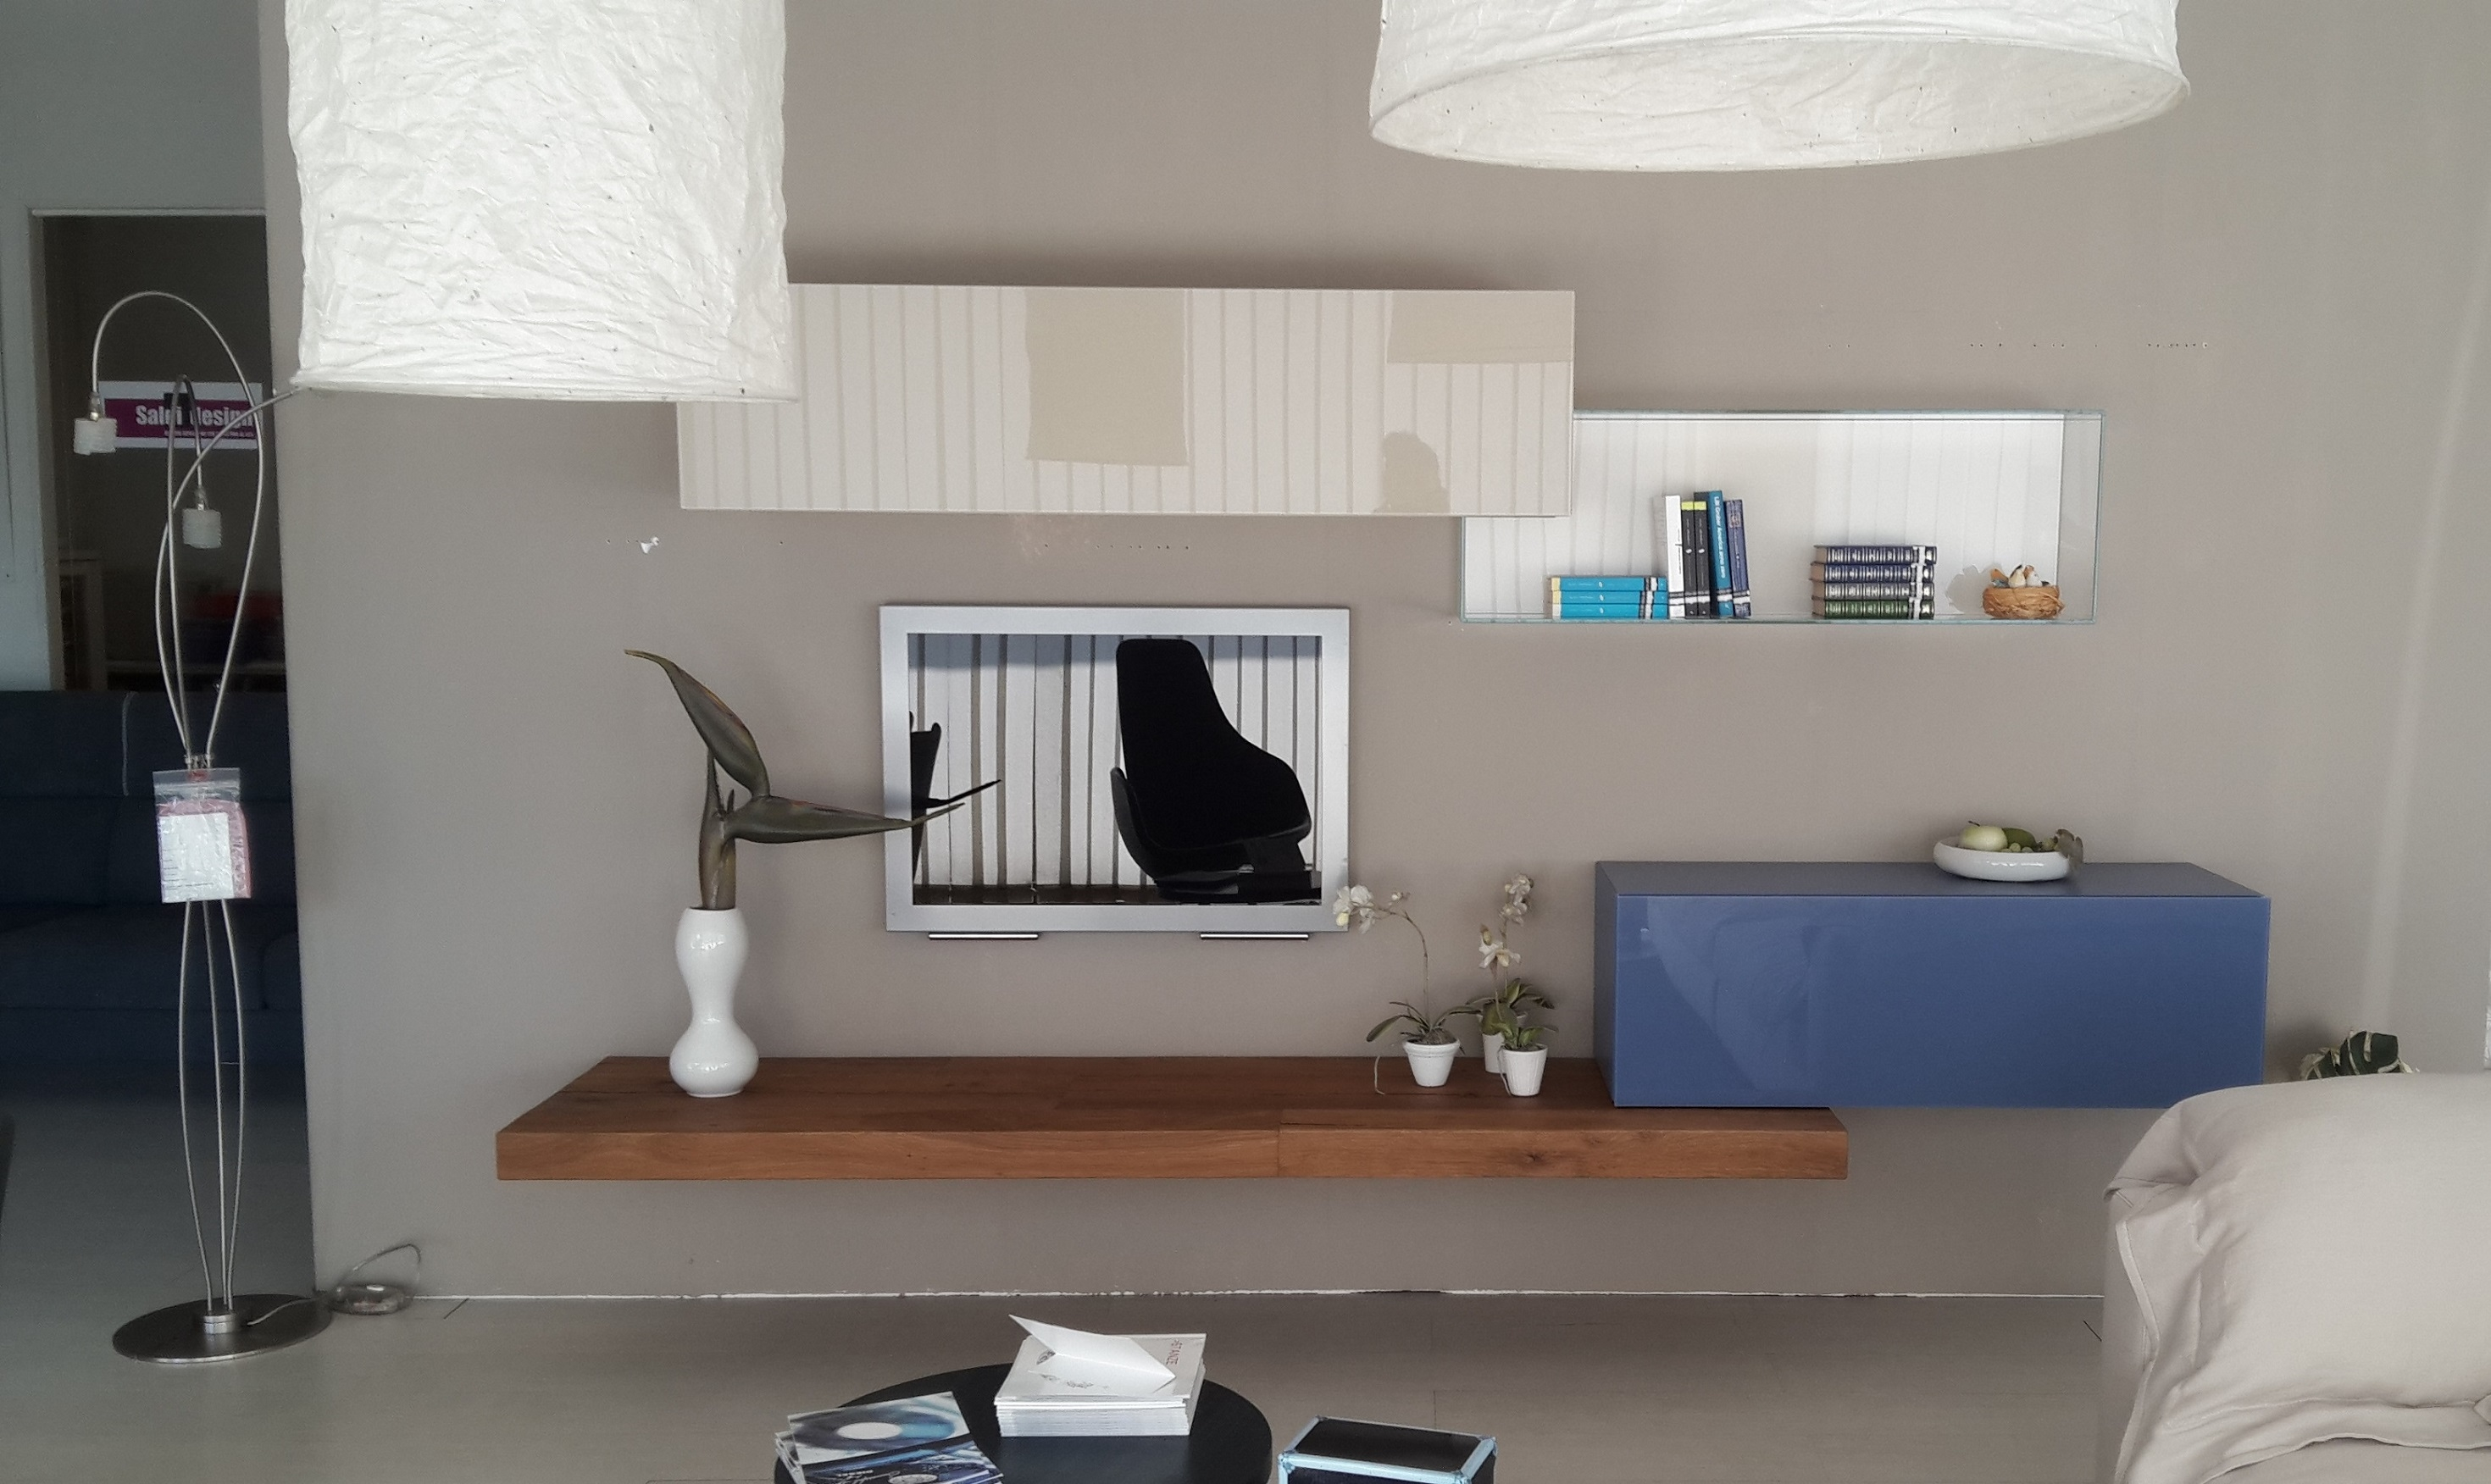 Soggiorni Lago ~ la scelta giusta è variata sul design della casa